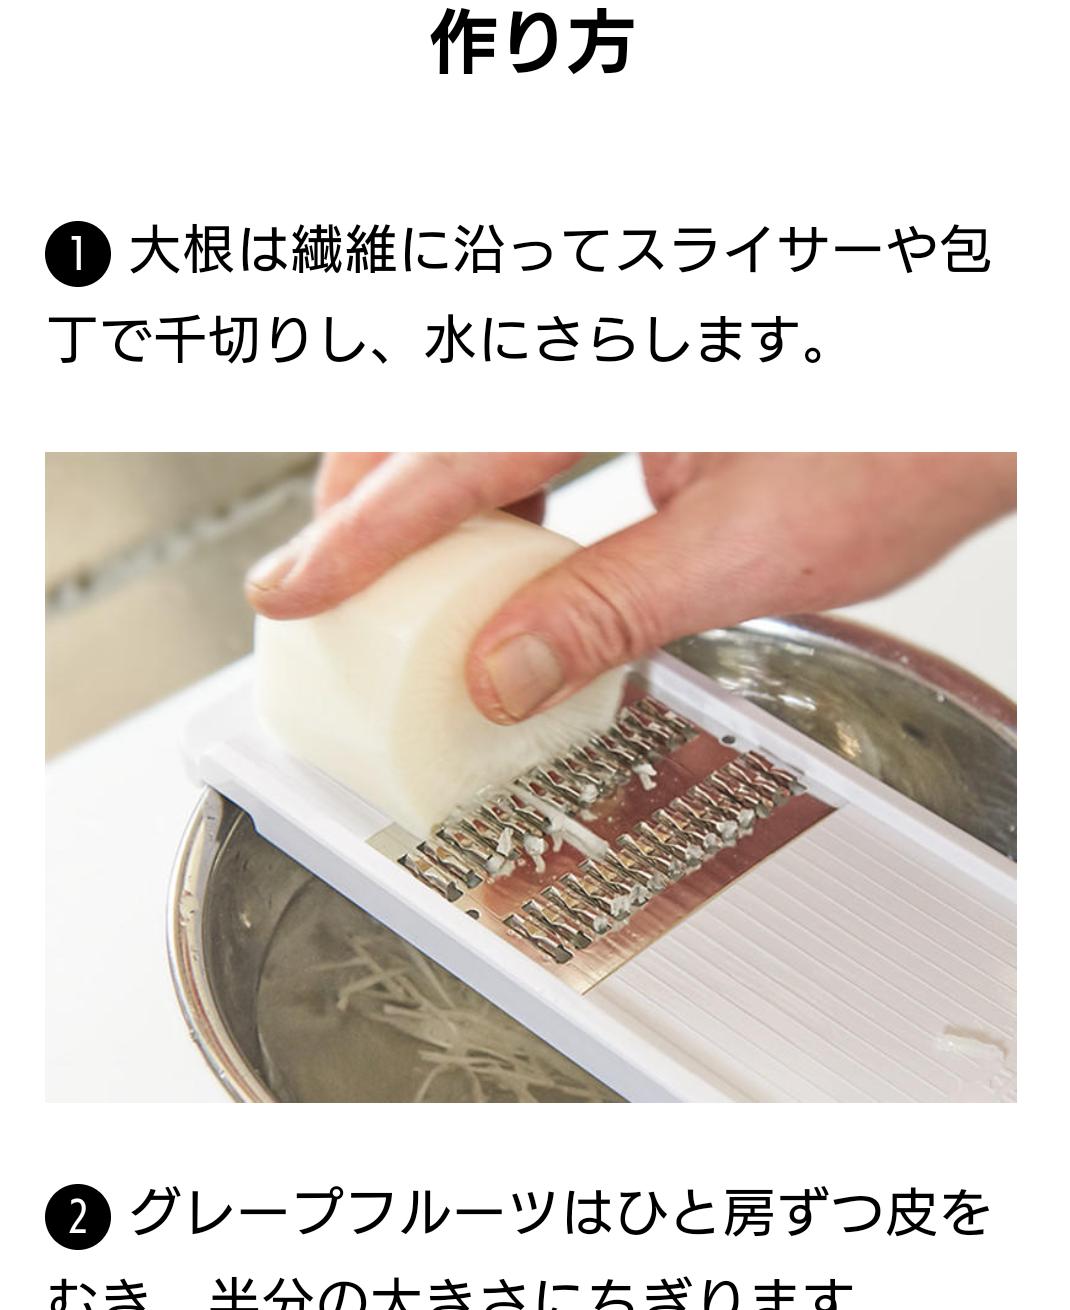 アレンジレシピ紹介 セブンイレブンアプリ利用メリット